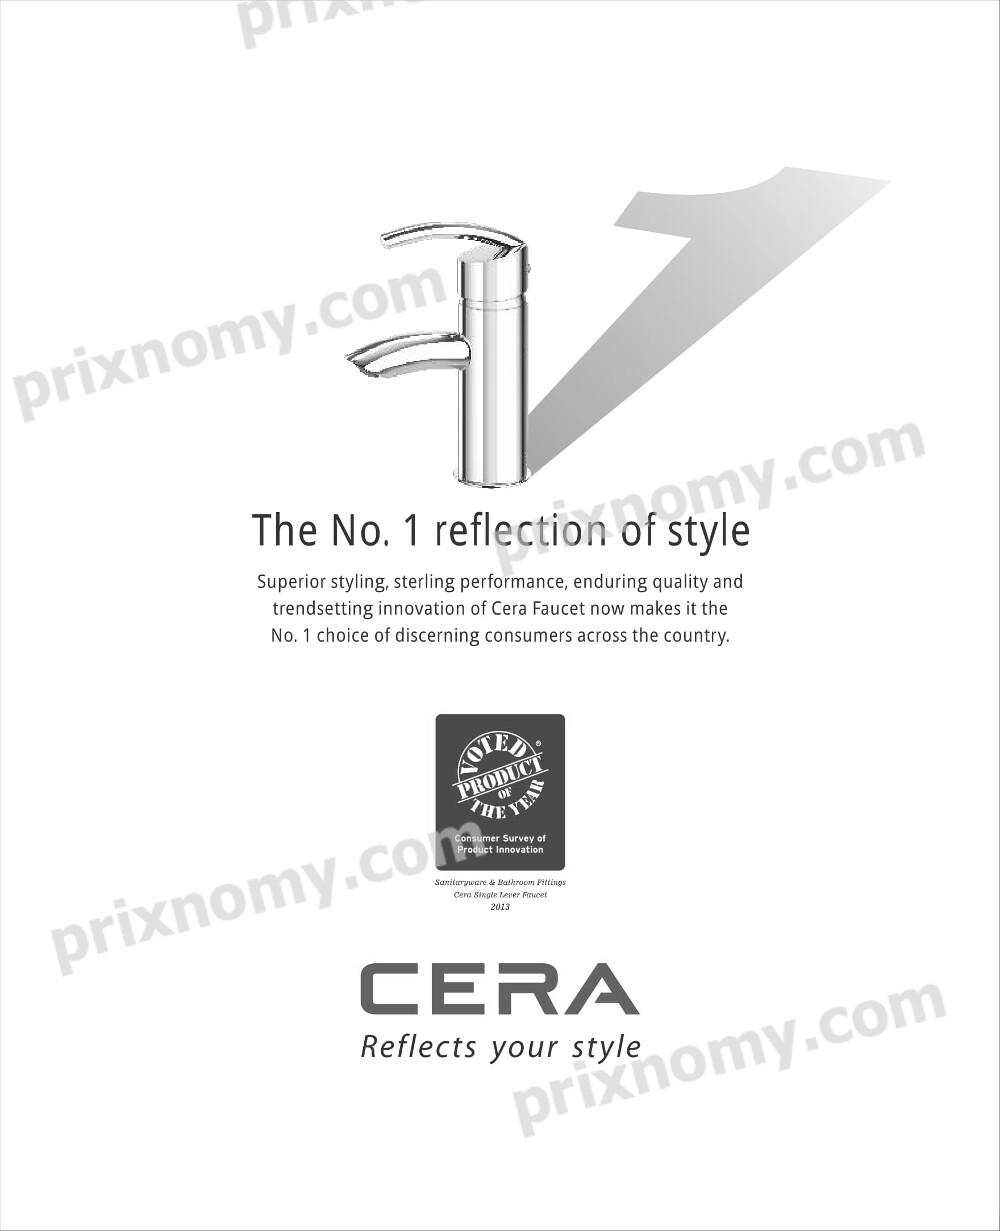 Cera bathroom fittings price list - Cera Sanitarywares Best Prices Cera Sanitarywares Supplier Cera Sanitarywares Price List Cera Sanitarywares